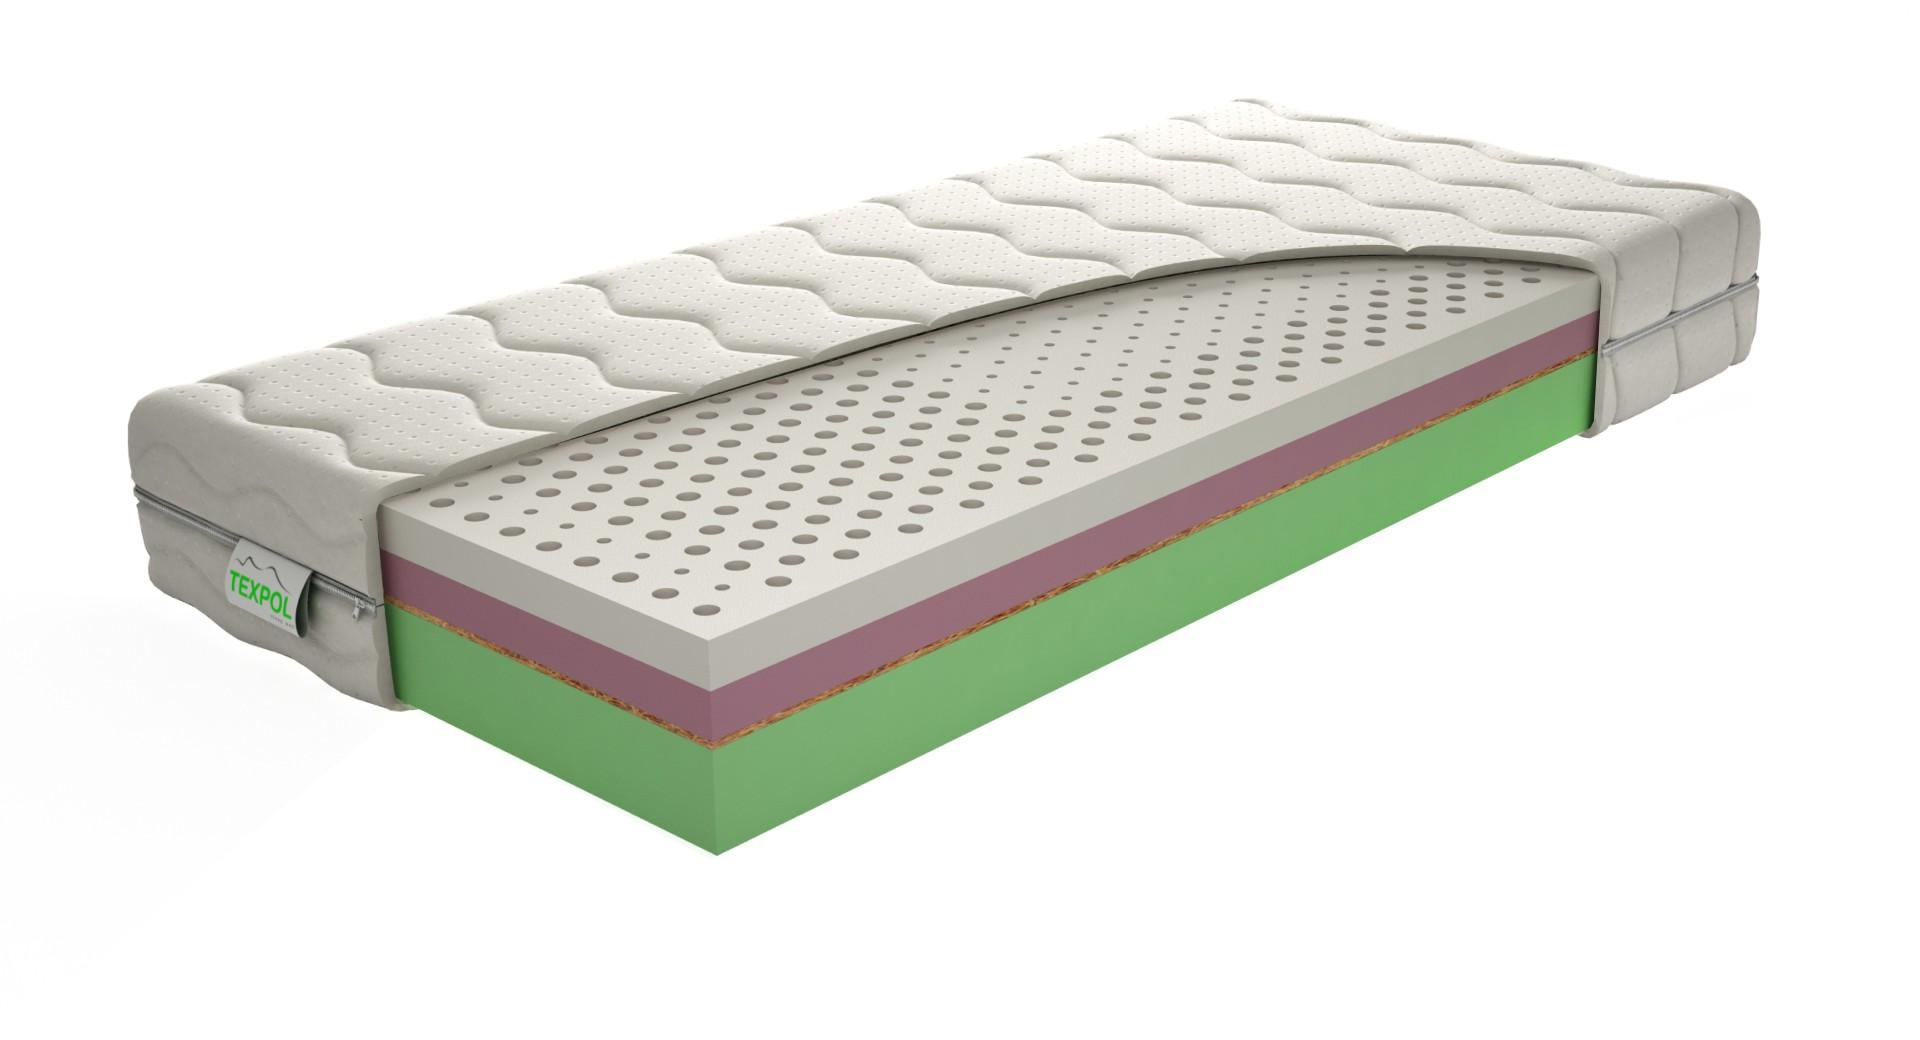 Texpol VICTORY - komfortný sendvičový matrac s poťahom Aloe Vera, snímateľný poťah